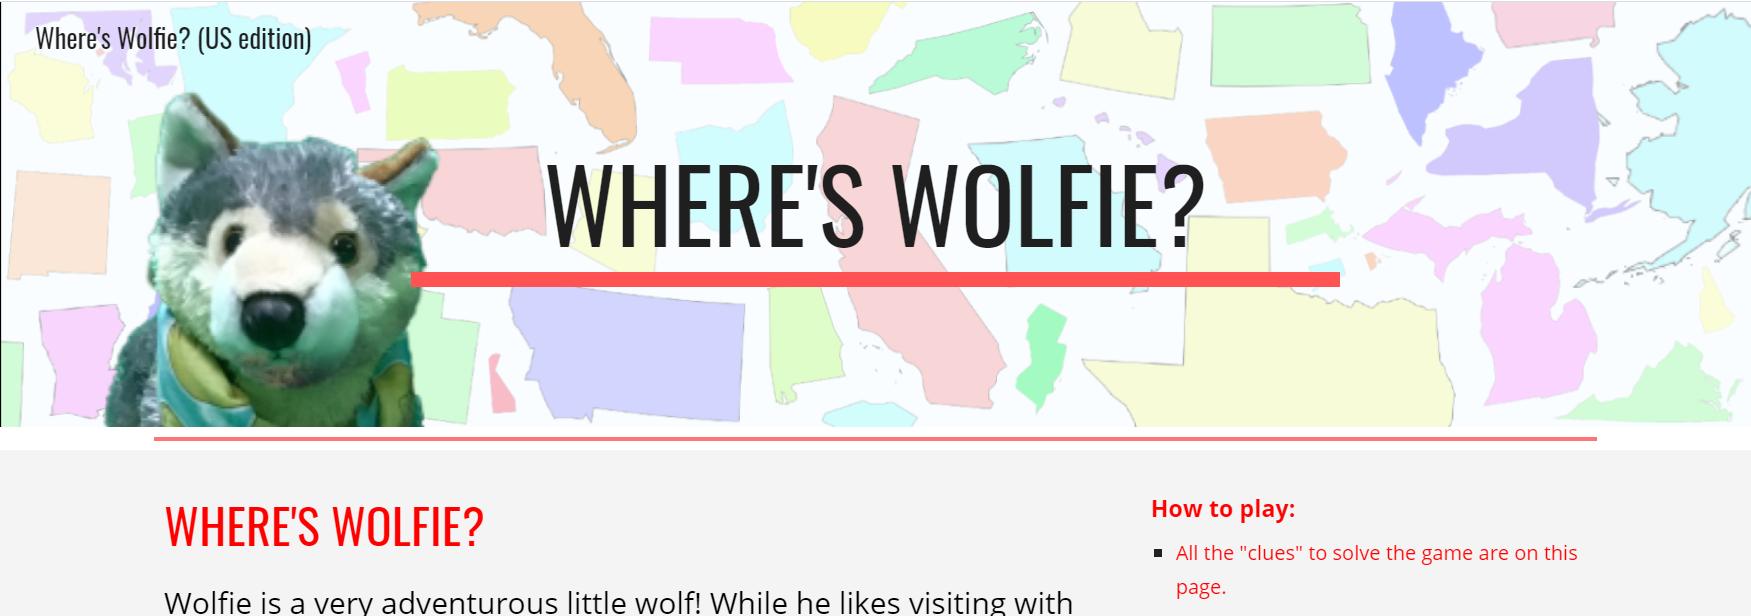 Where's Wolfie Banner